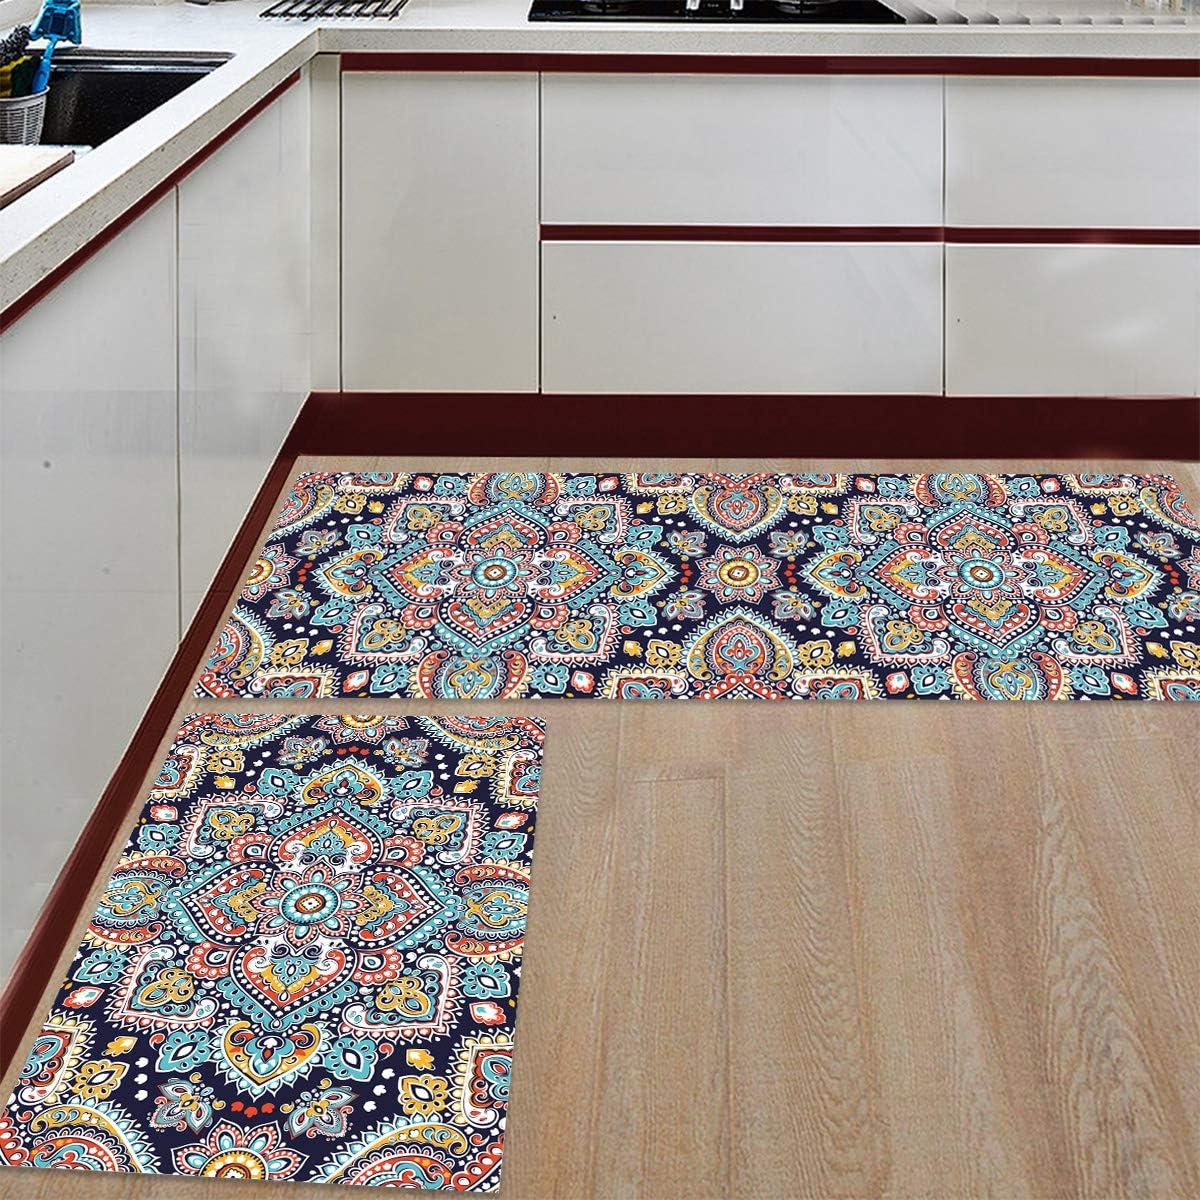 Floral half Kitchen Mat Cheap sale Set 2 Felt Water Absorbent Rugs Pcs